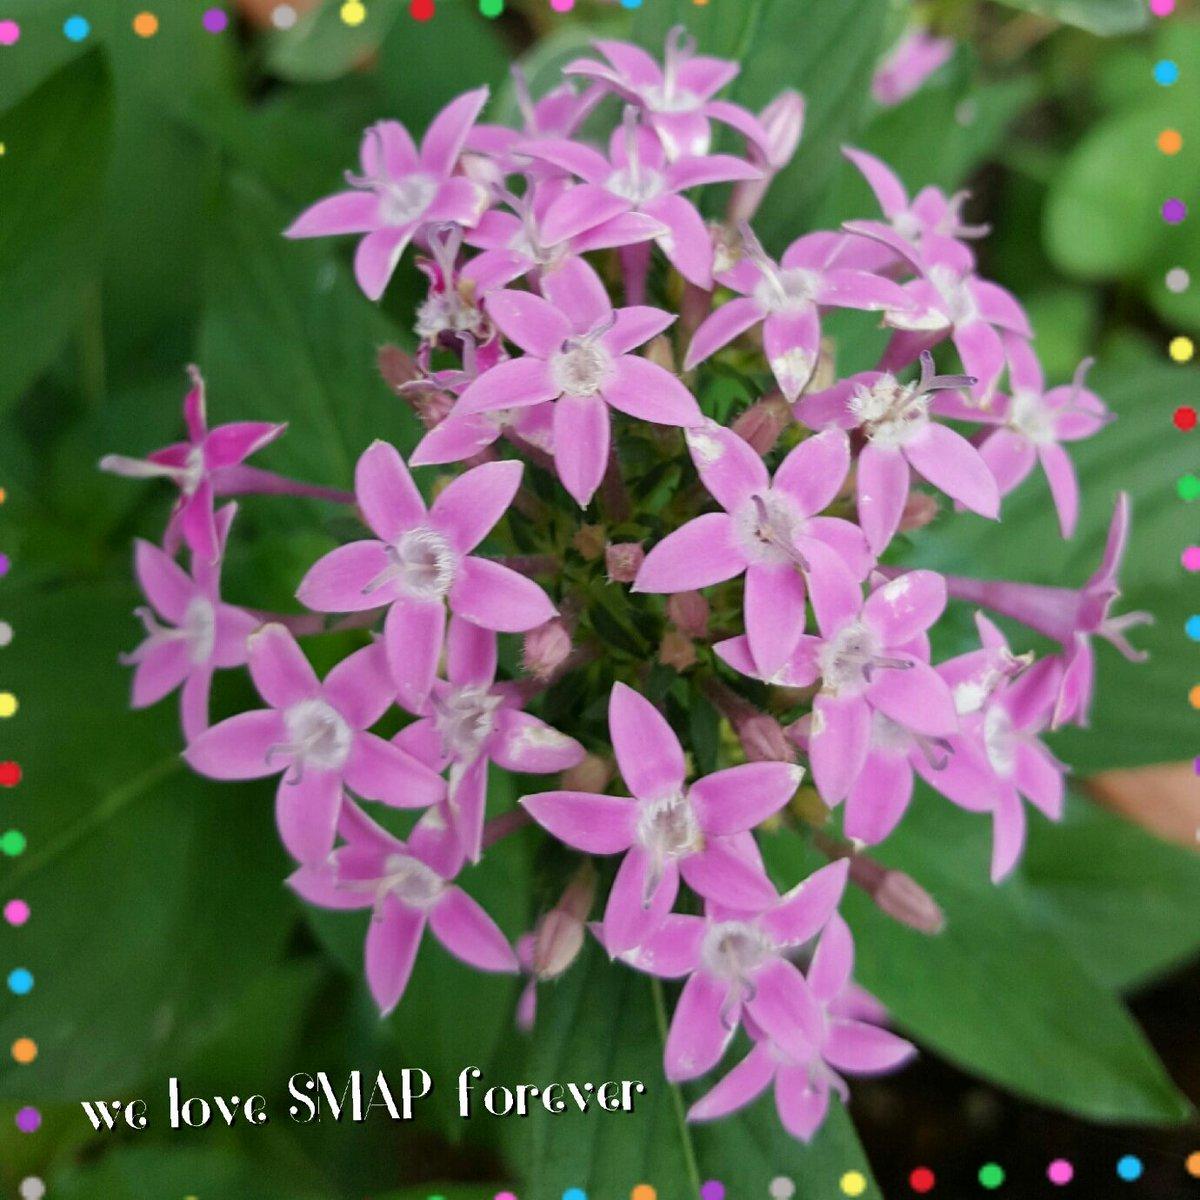 #SMAP #私の_世界に一つだけの花  おはようございますこのところ低浮上ですいつもごあいさつしていたみなさんのツイもRTすら出来ていなくて今週はこんな感じで行くと思いますが今日もみなさんよろしくお願いします<br>http://pic.twitter.com/a6djvVxVif